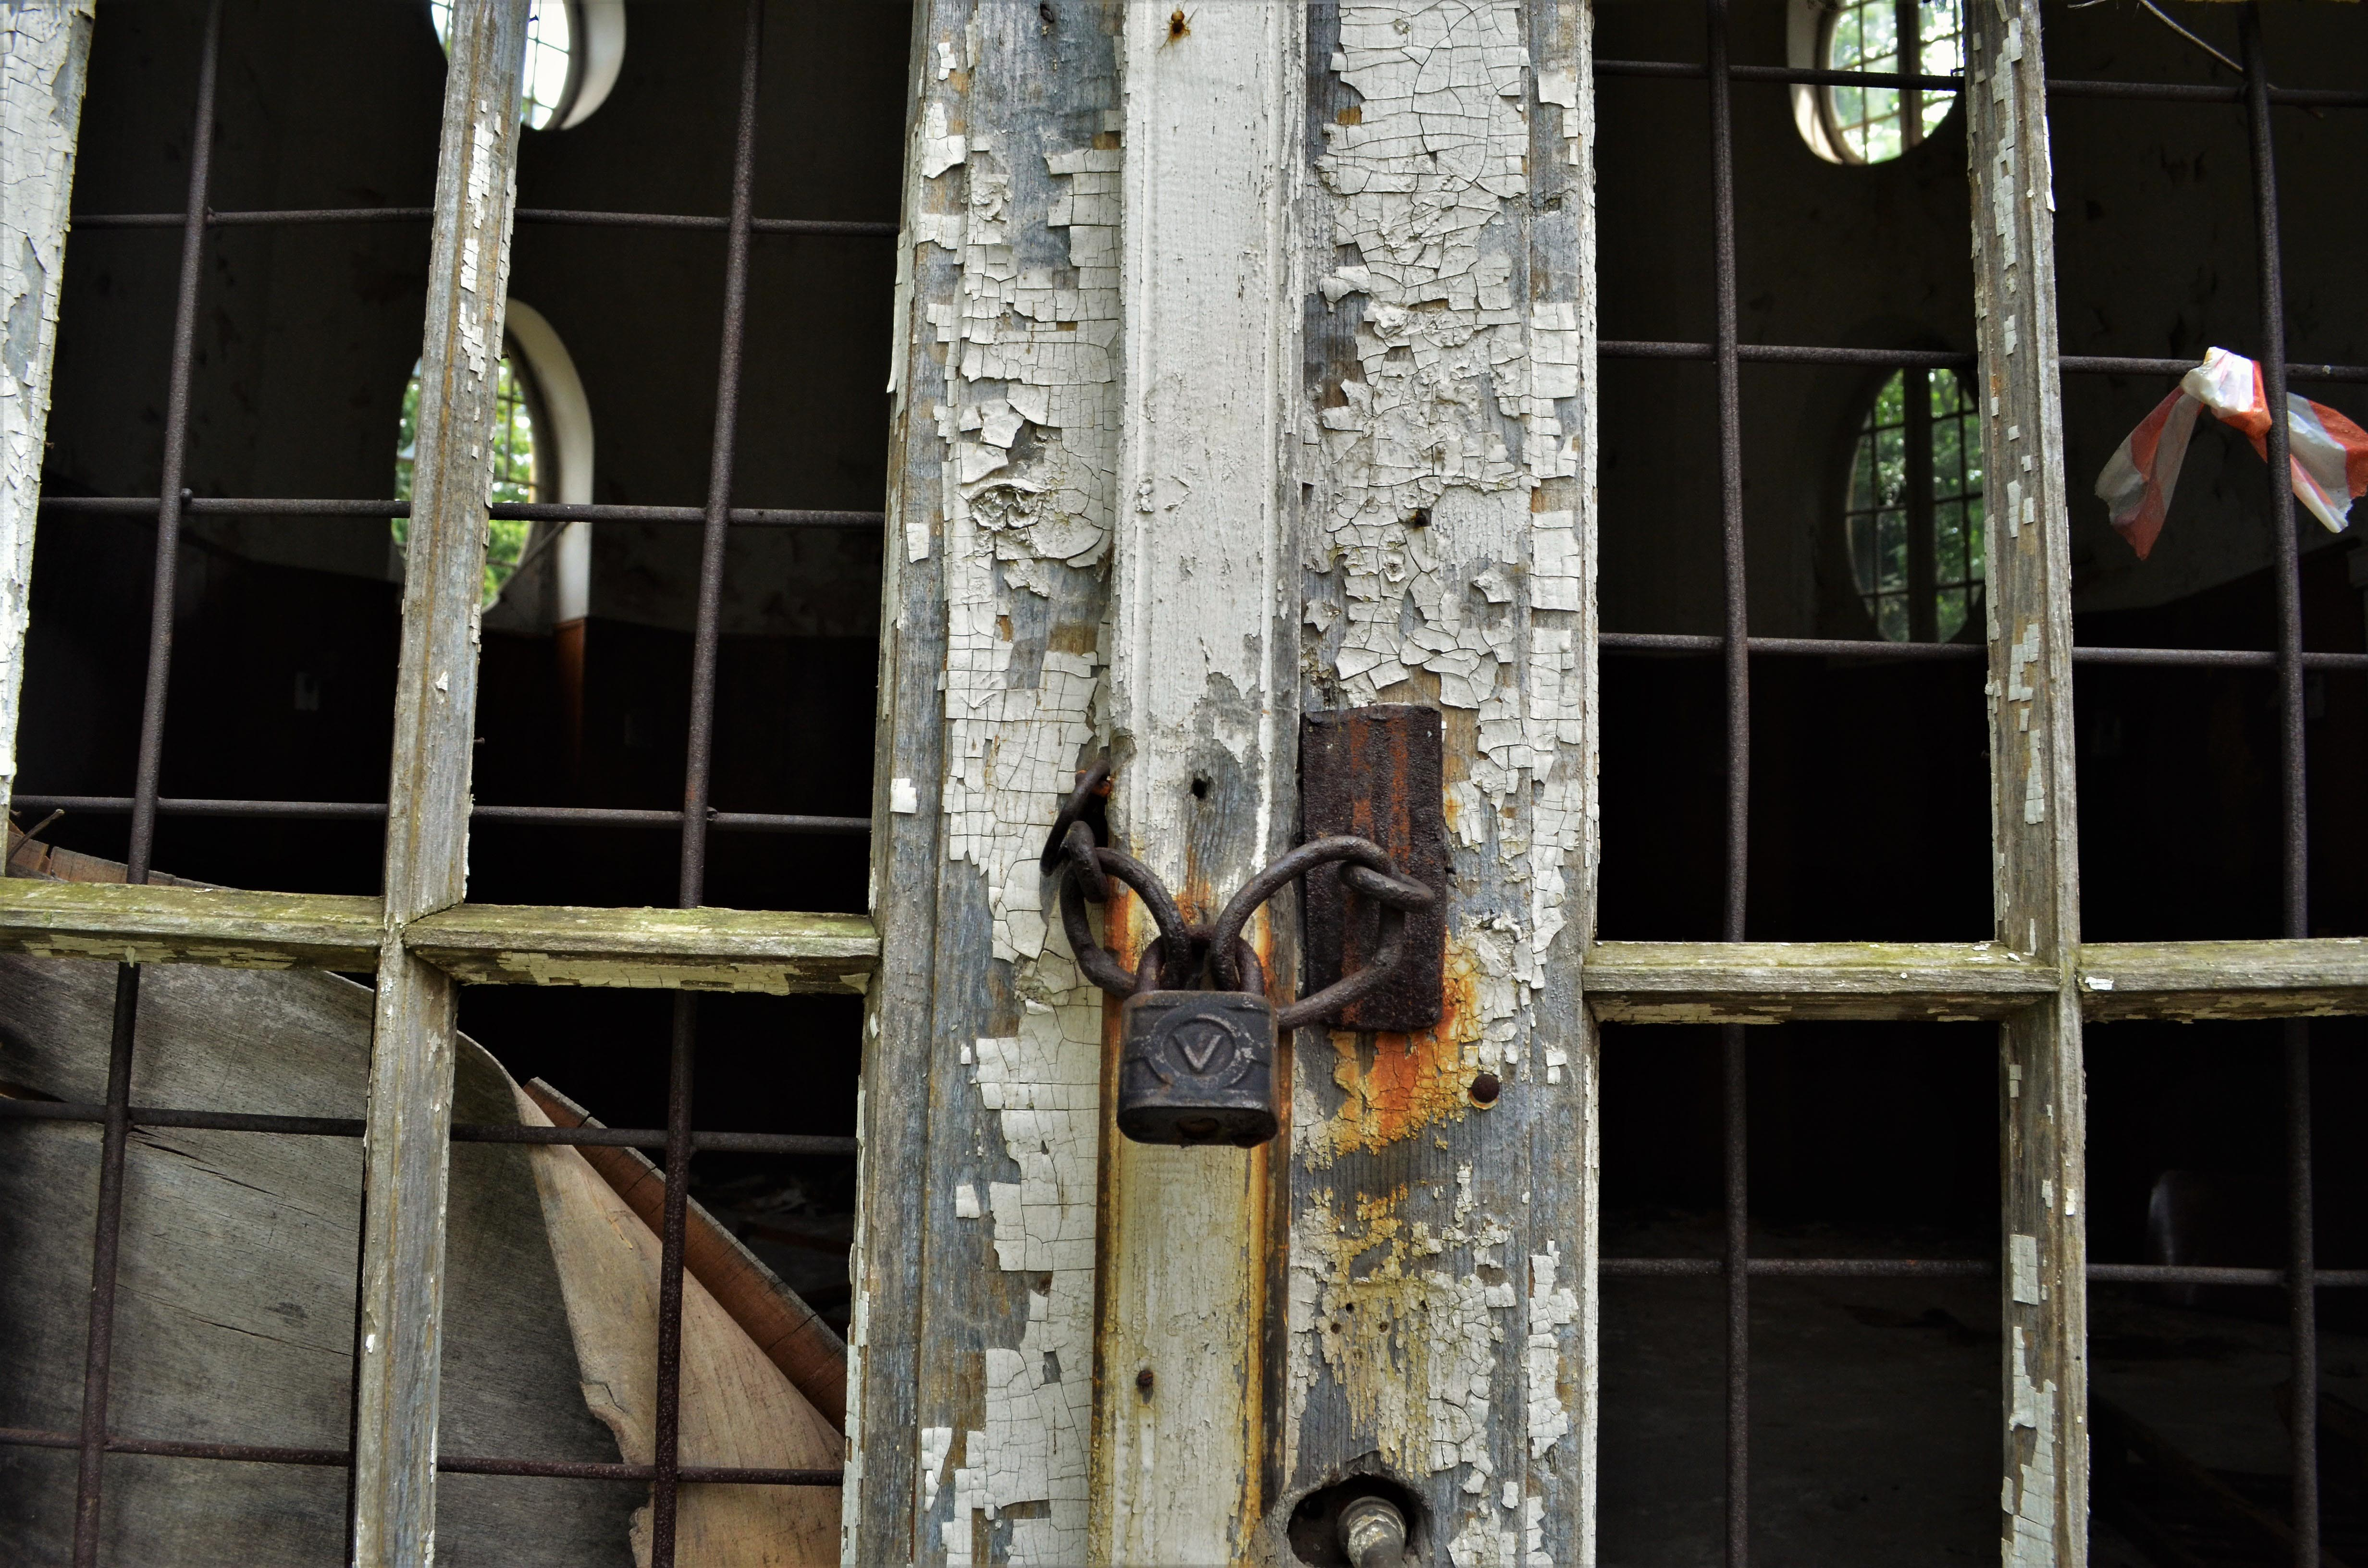 Ръждясал катинар е поставен на казиното, за да го предпази от вандали